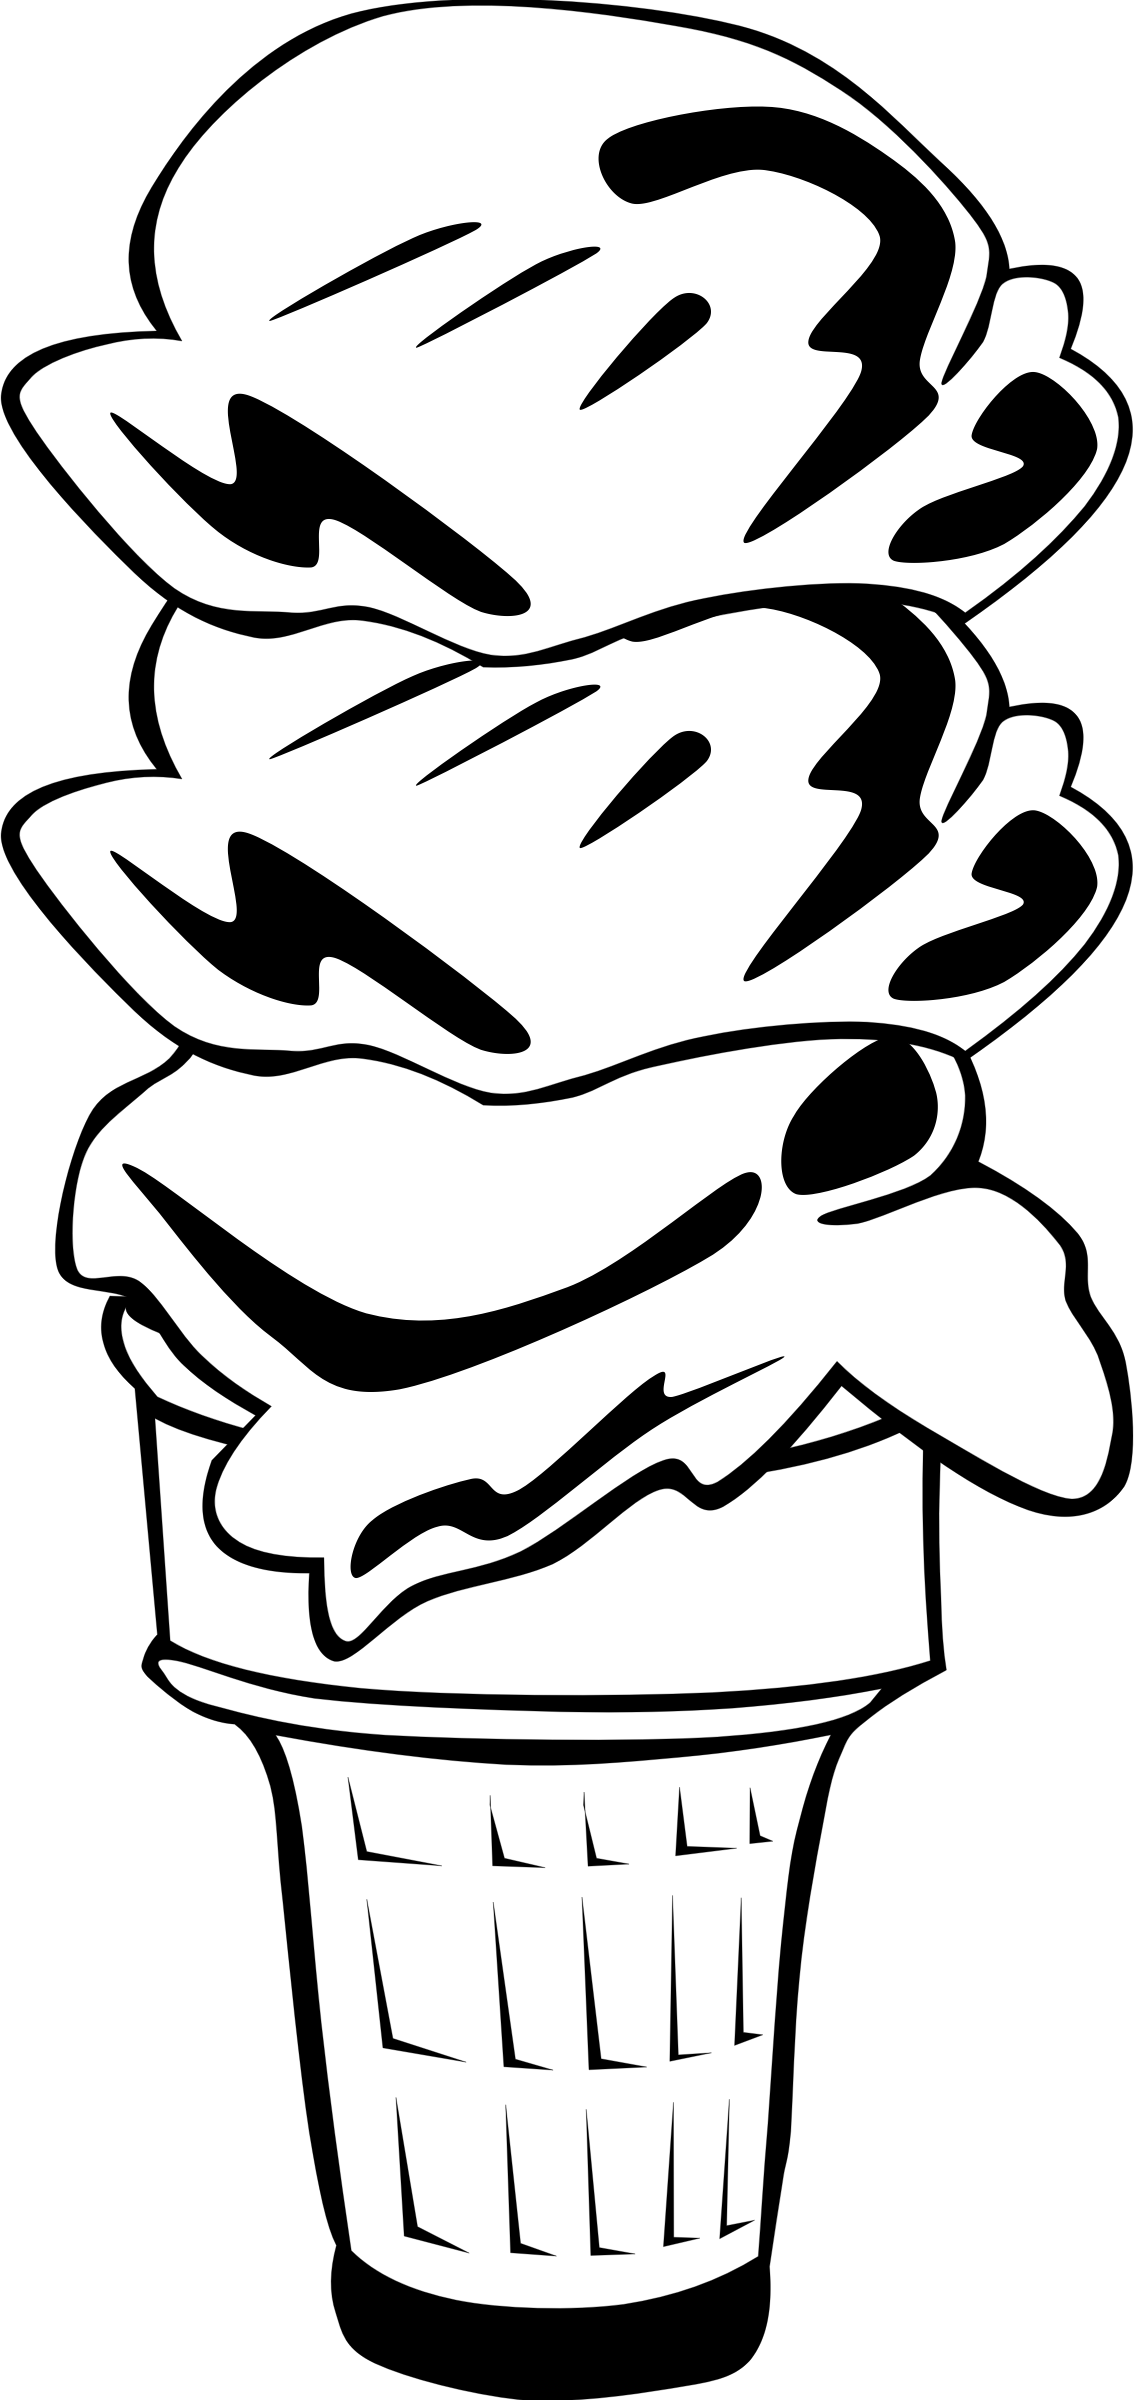 Мороженое. Еда. Сладости. Раскраски для детей на тему еда. Раскраски на тему мороженое.